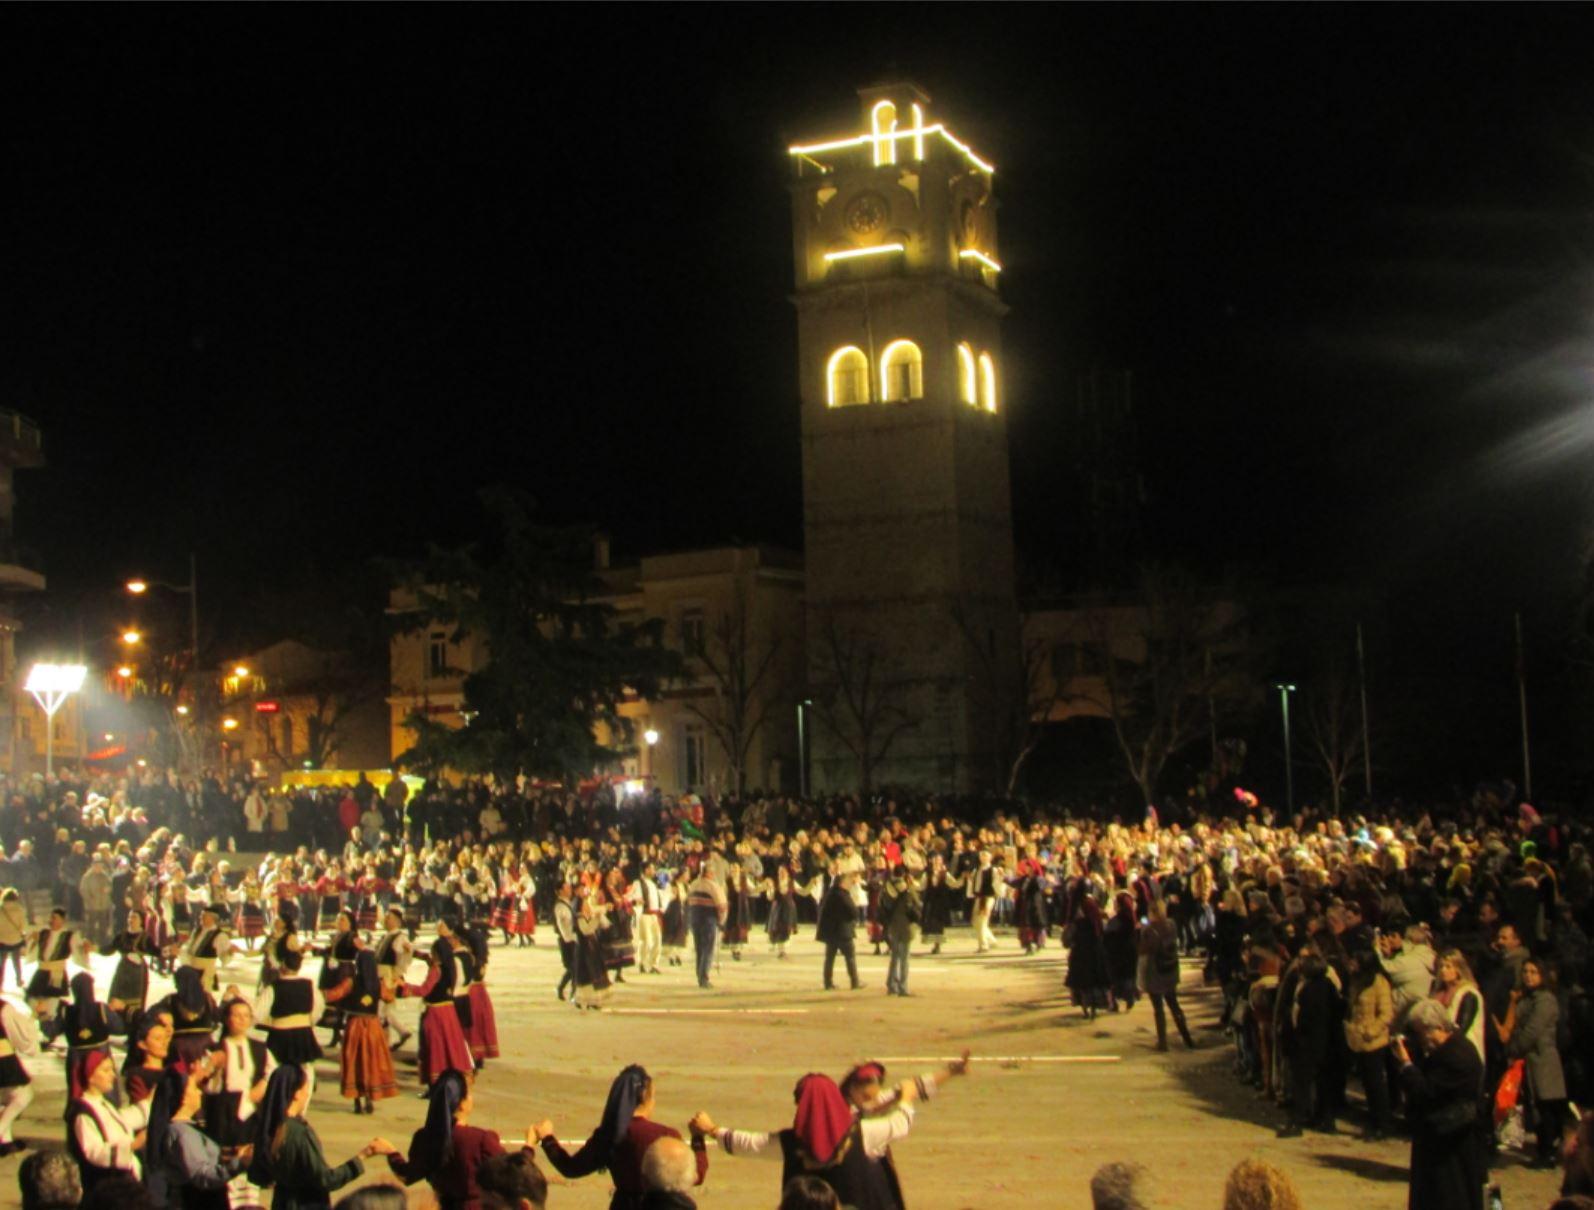 Κοζάνη: Το πρόγραμμα των αποκριάτικων εκδηλώσεων, σήμερα Τετάρτη 22 Φεβρουαρίου